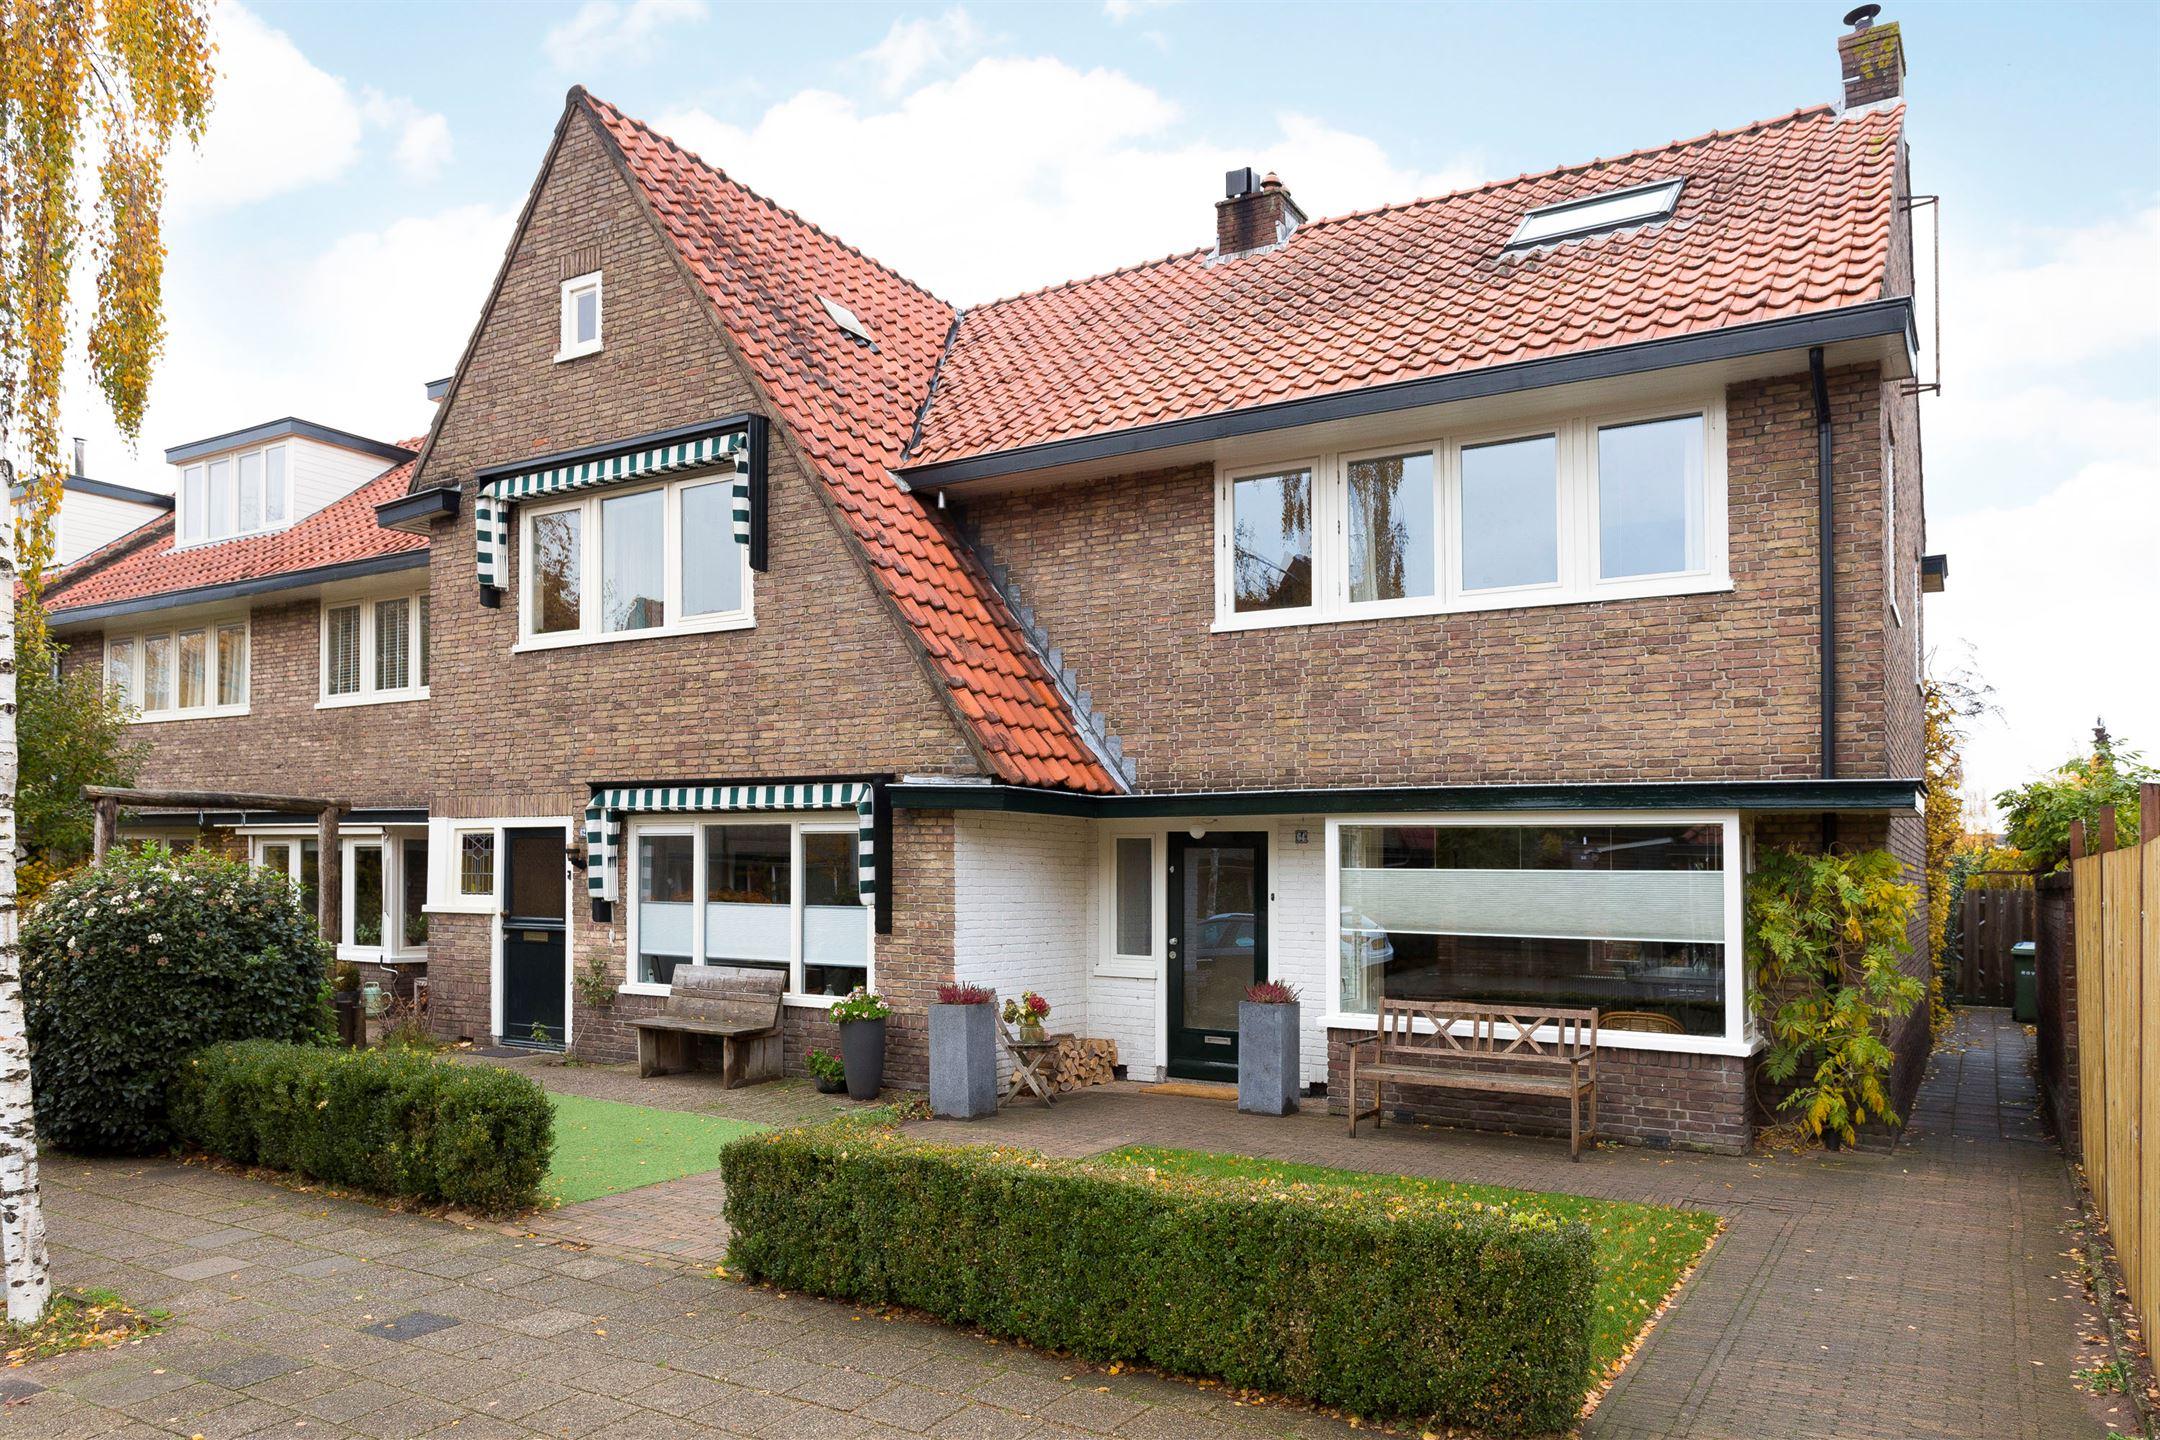 Huis te koop edisonstraat 64 3817 vp amersfoort funda for Huizen te koop amersfoort